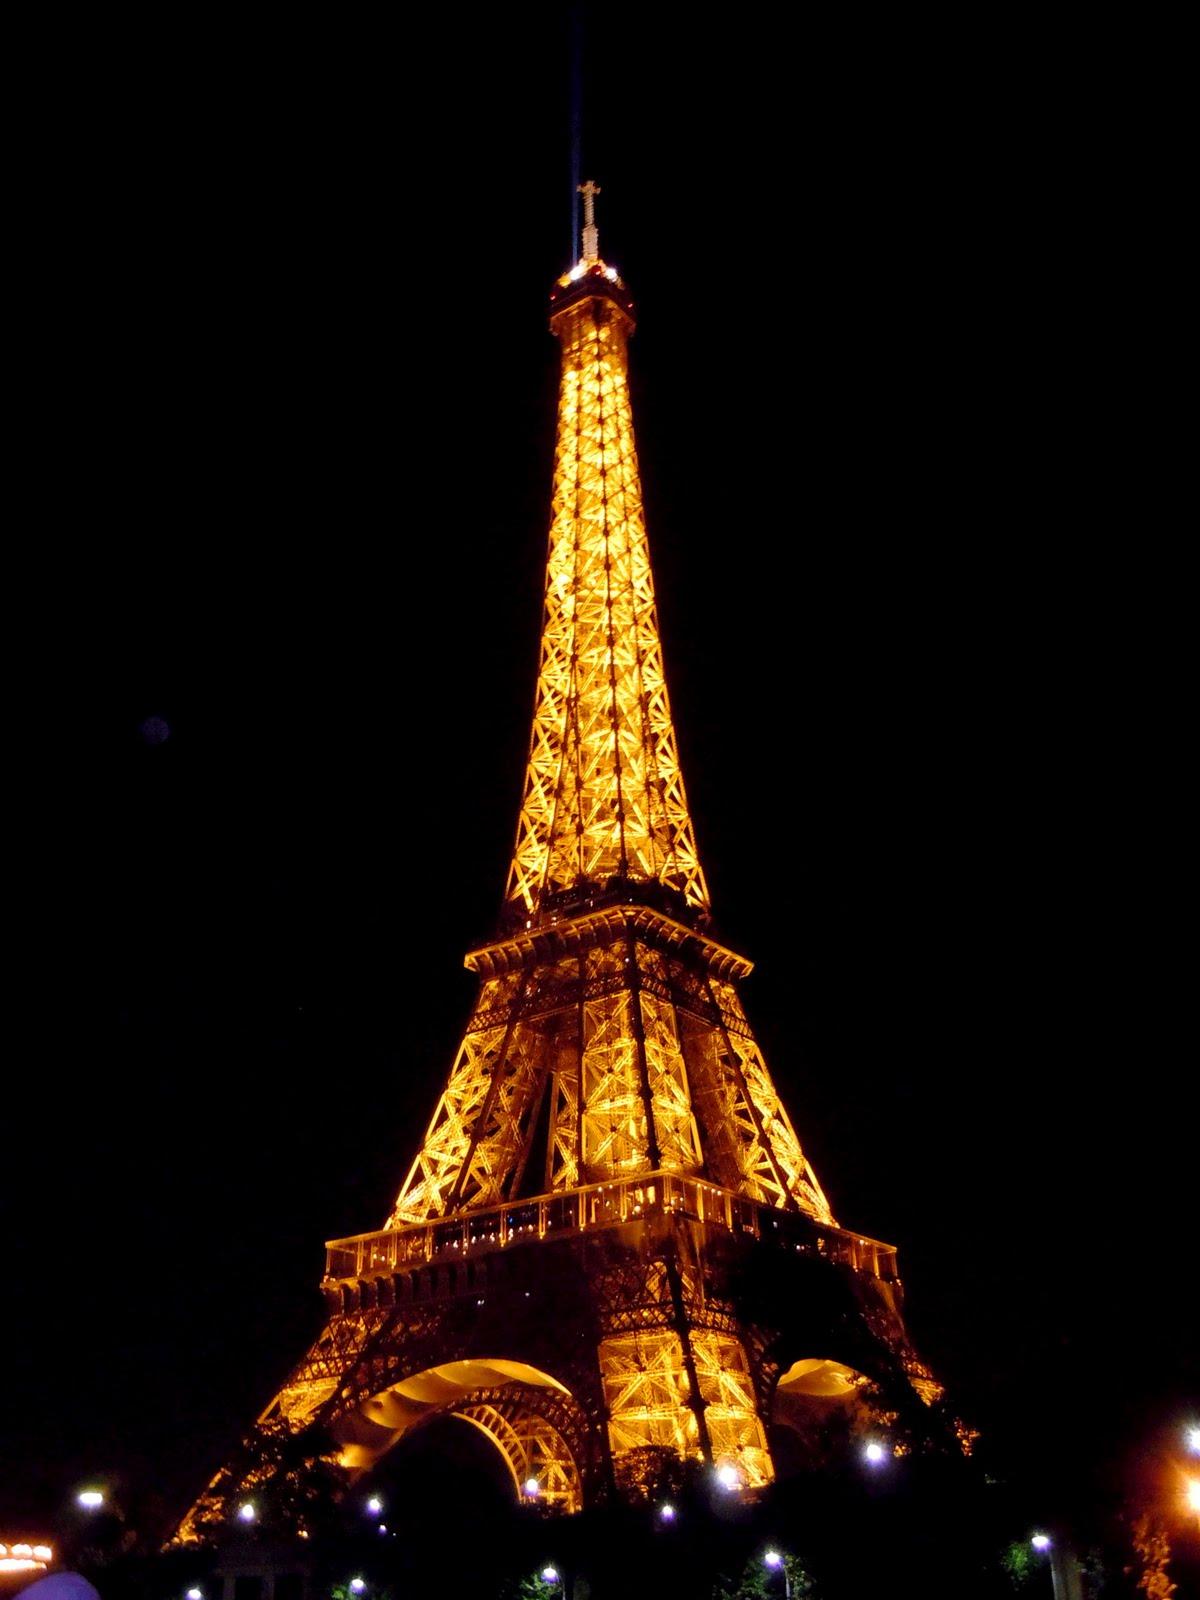 Fran ais babel la tour eiffel - Tour eiffel image ...